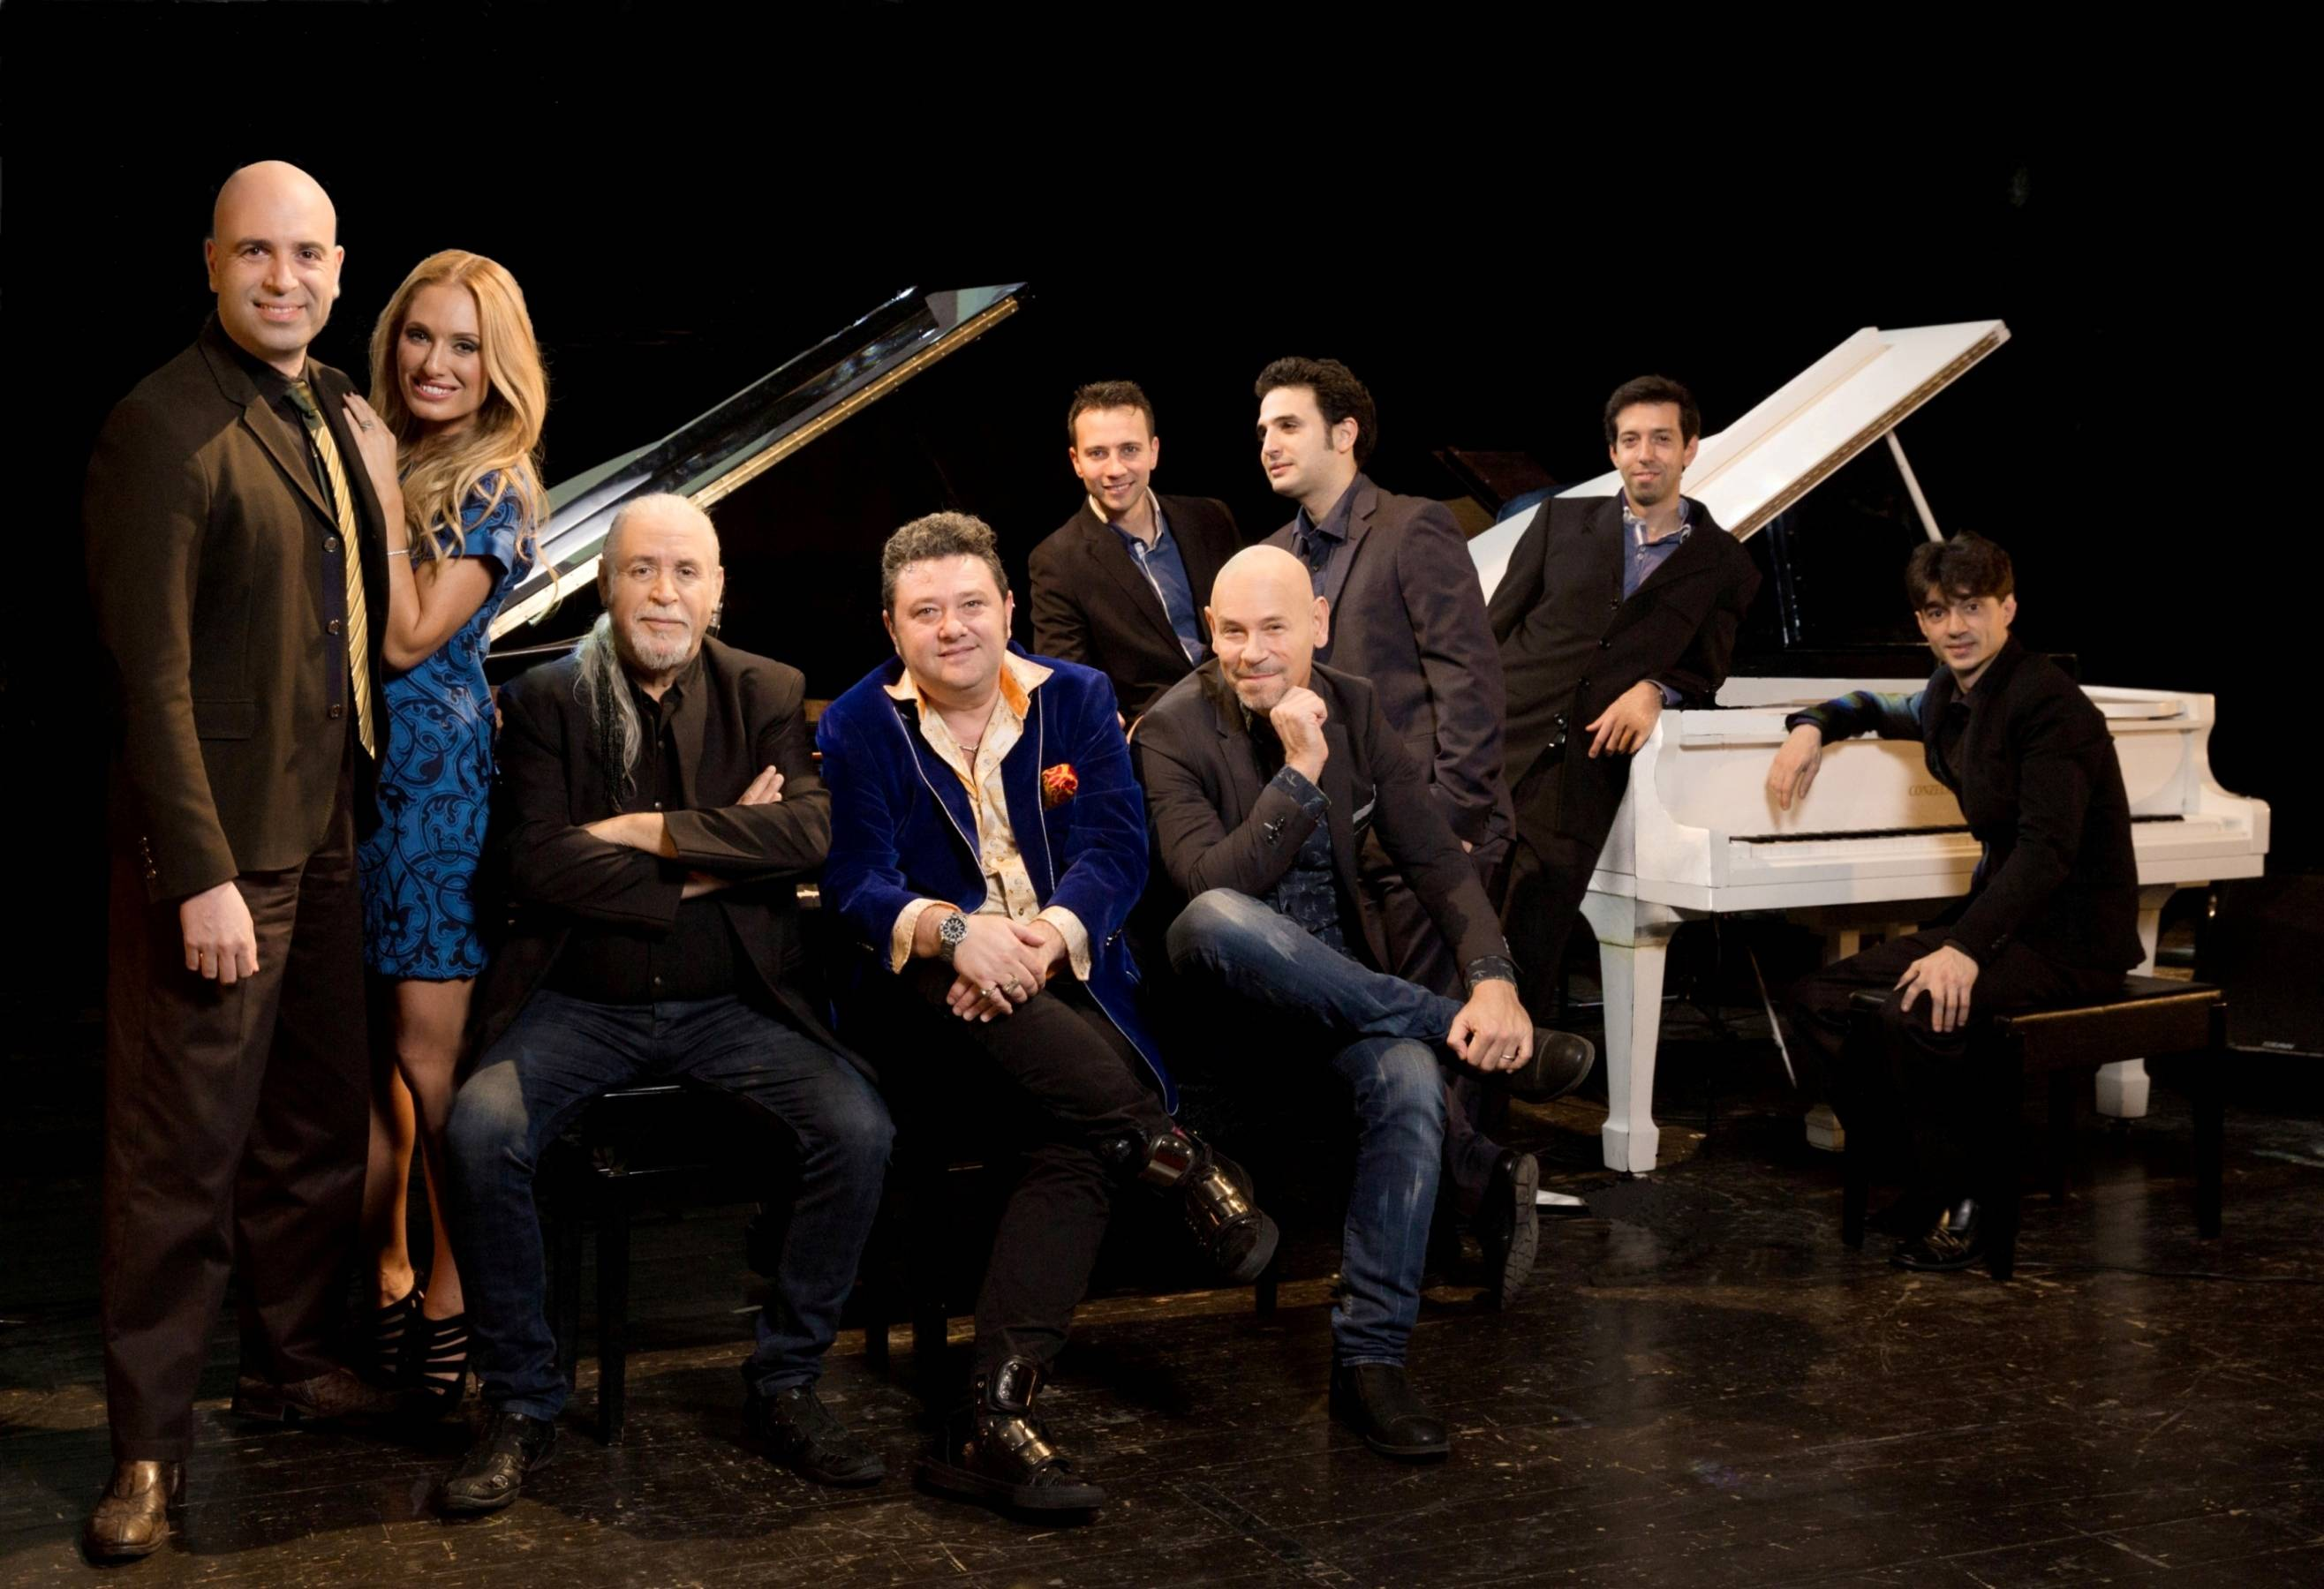 7 роялей, 8 пианистов и одна певица — вслед за удачей